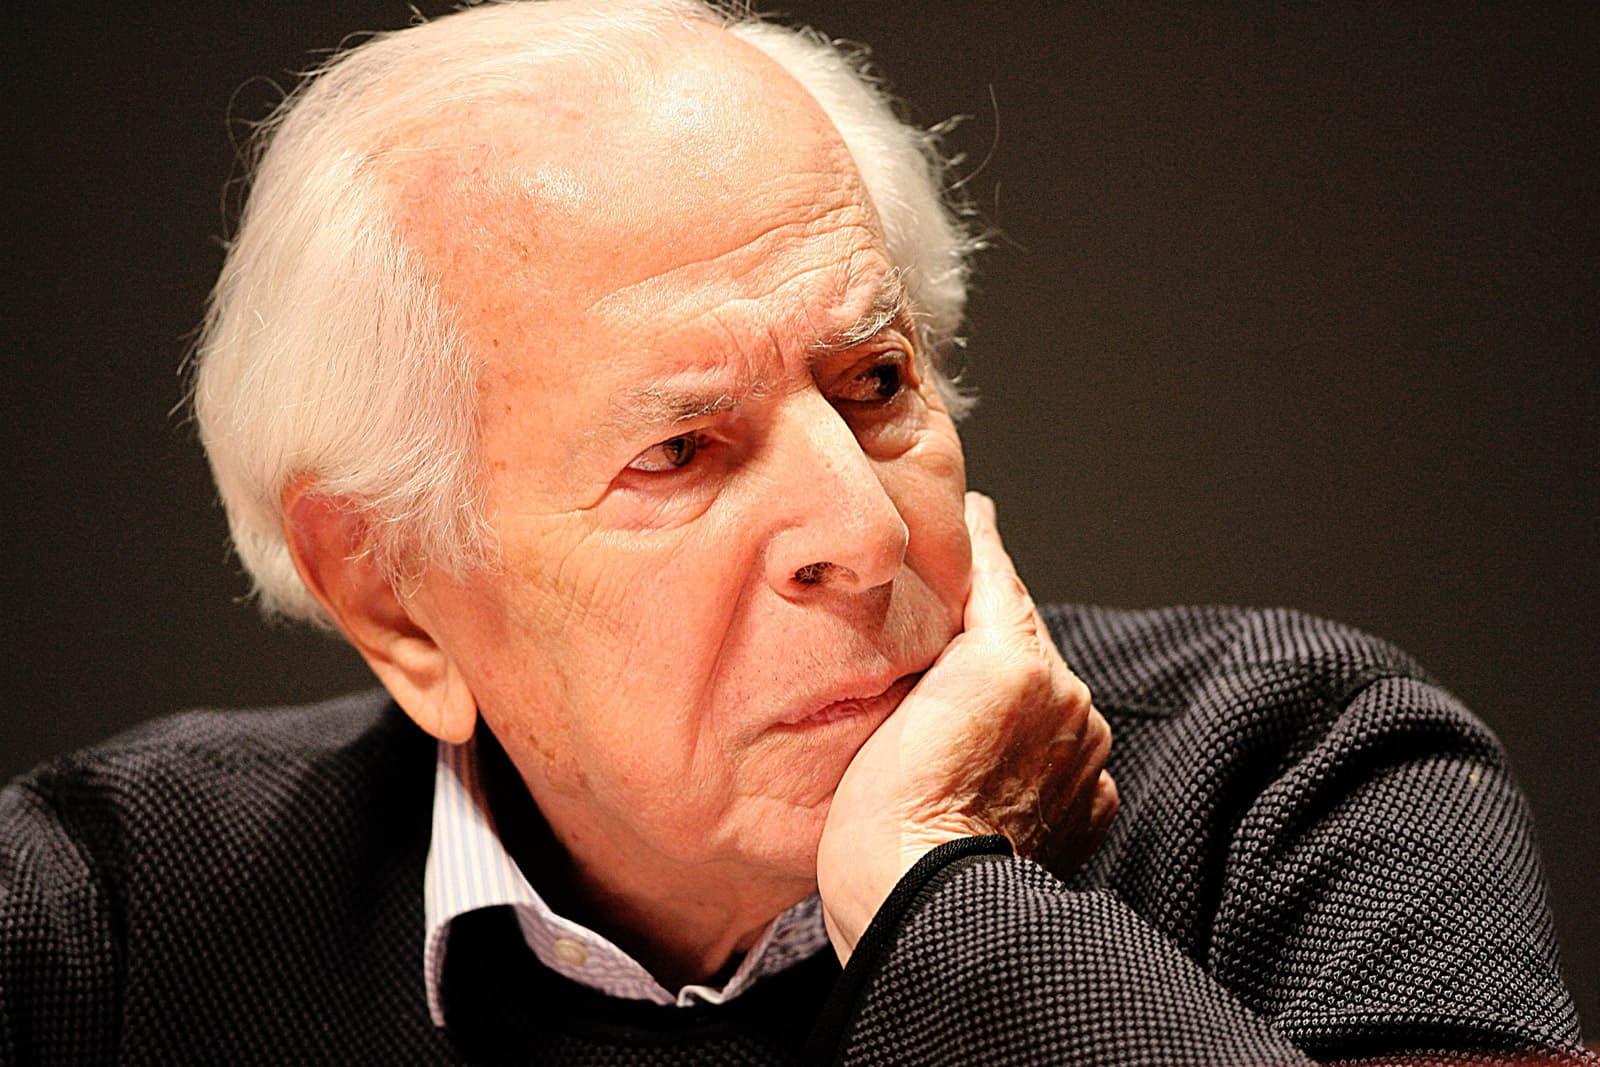 Jean Daniel, director del Nouvel Observateur, a Rennes el 2009. Fotografia de Thomas Bregardis/ Photopqr/Ouest France